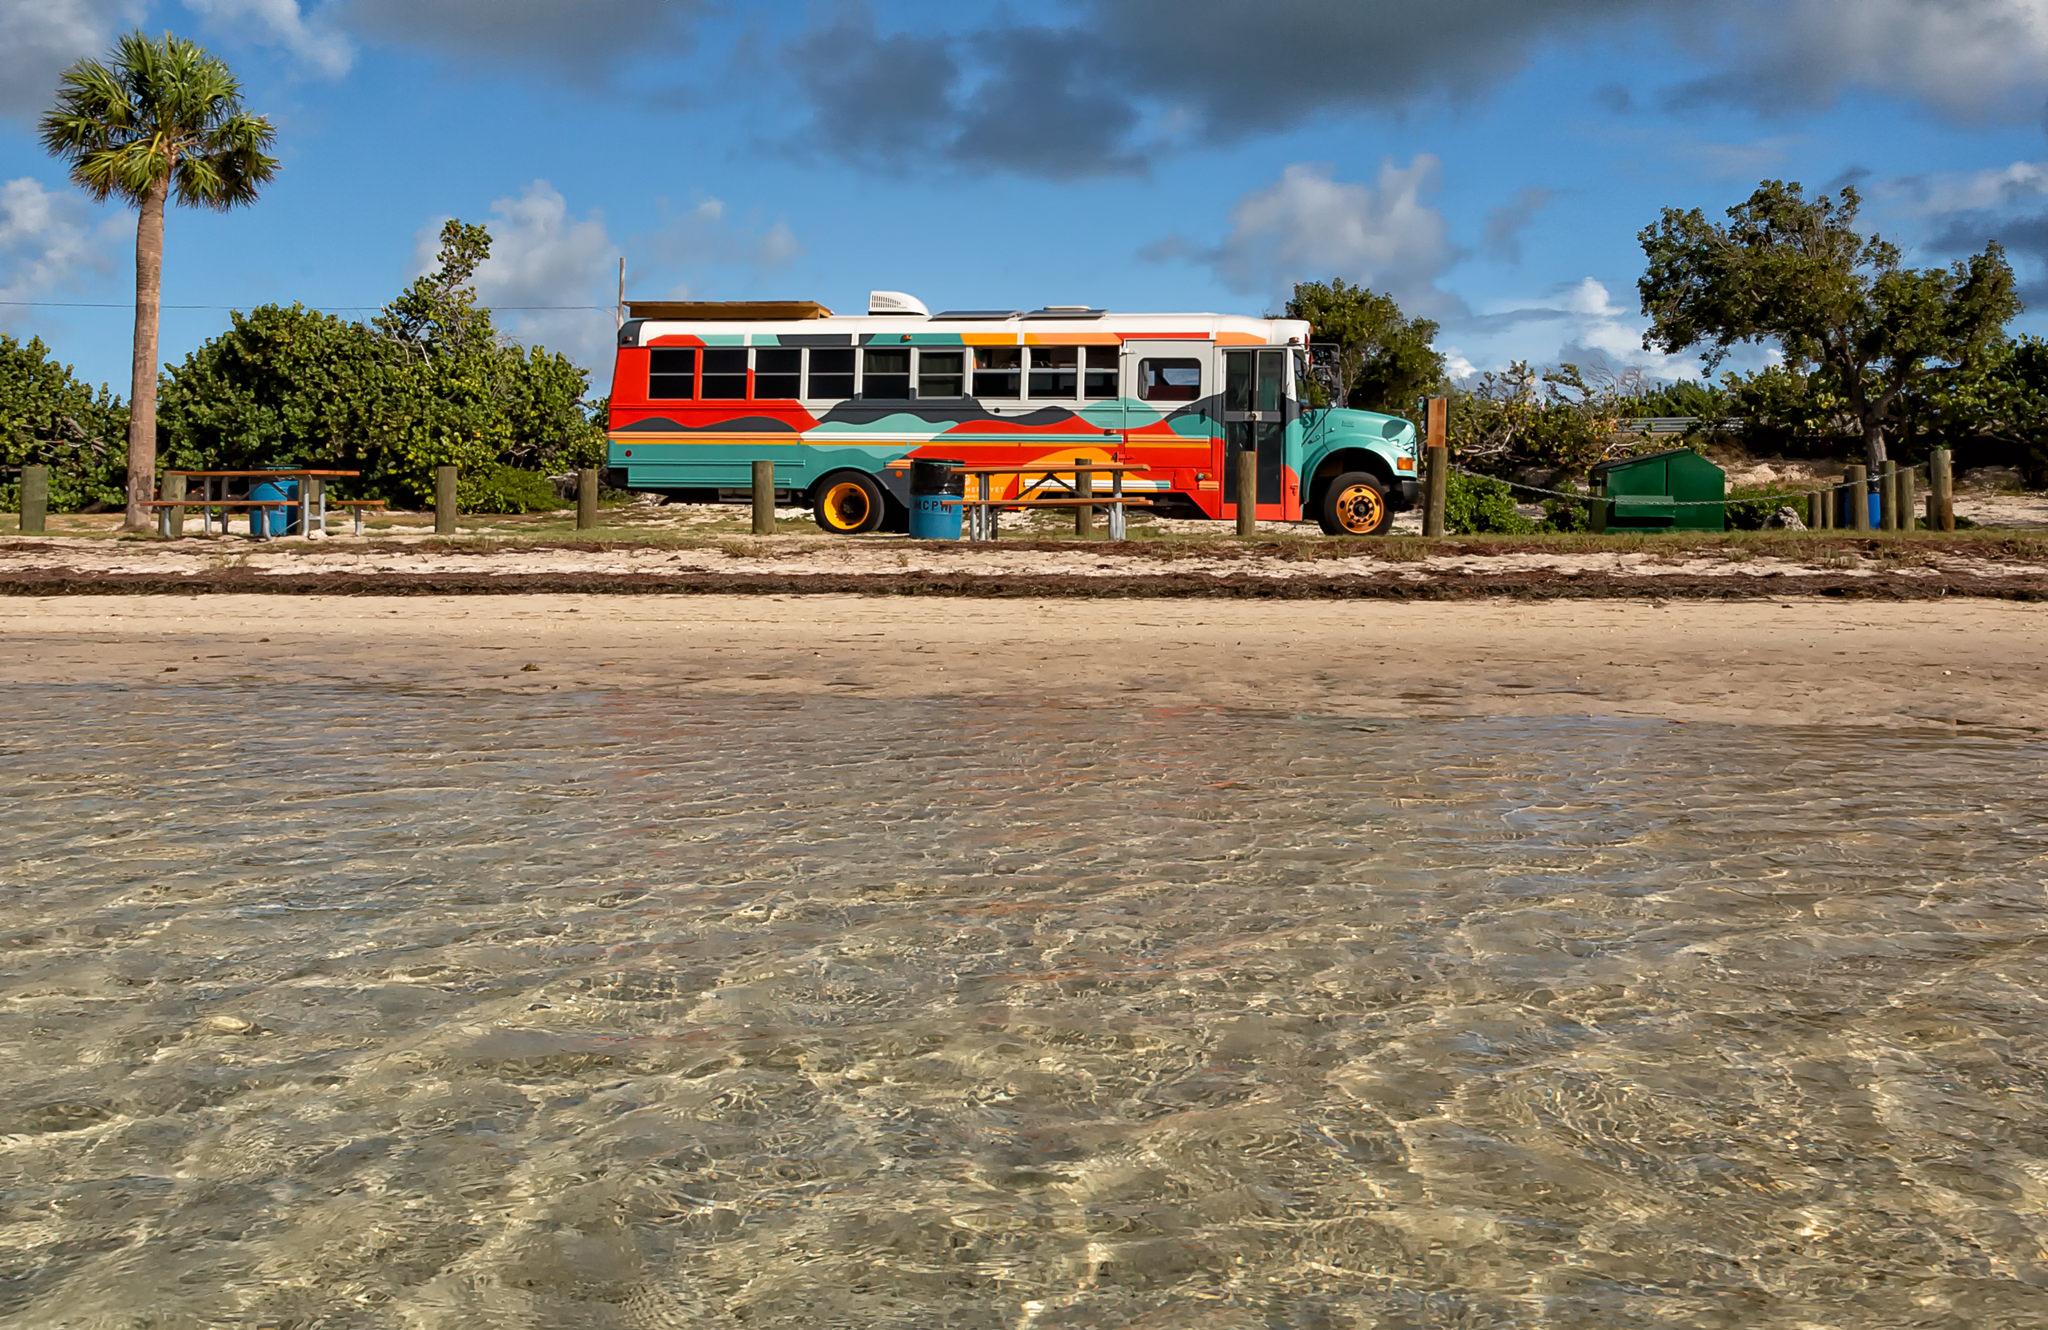 Art-We-There-Yet-Skoolie-School-Bus-Conversion-Mural